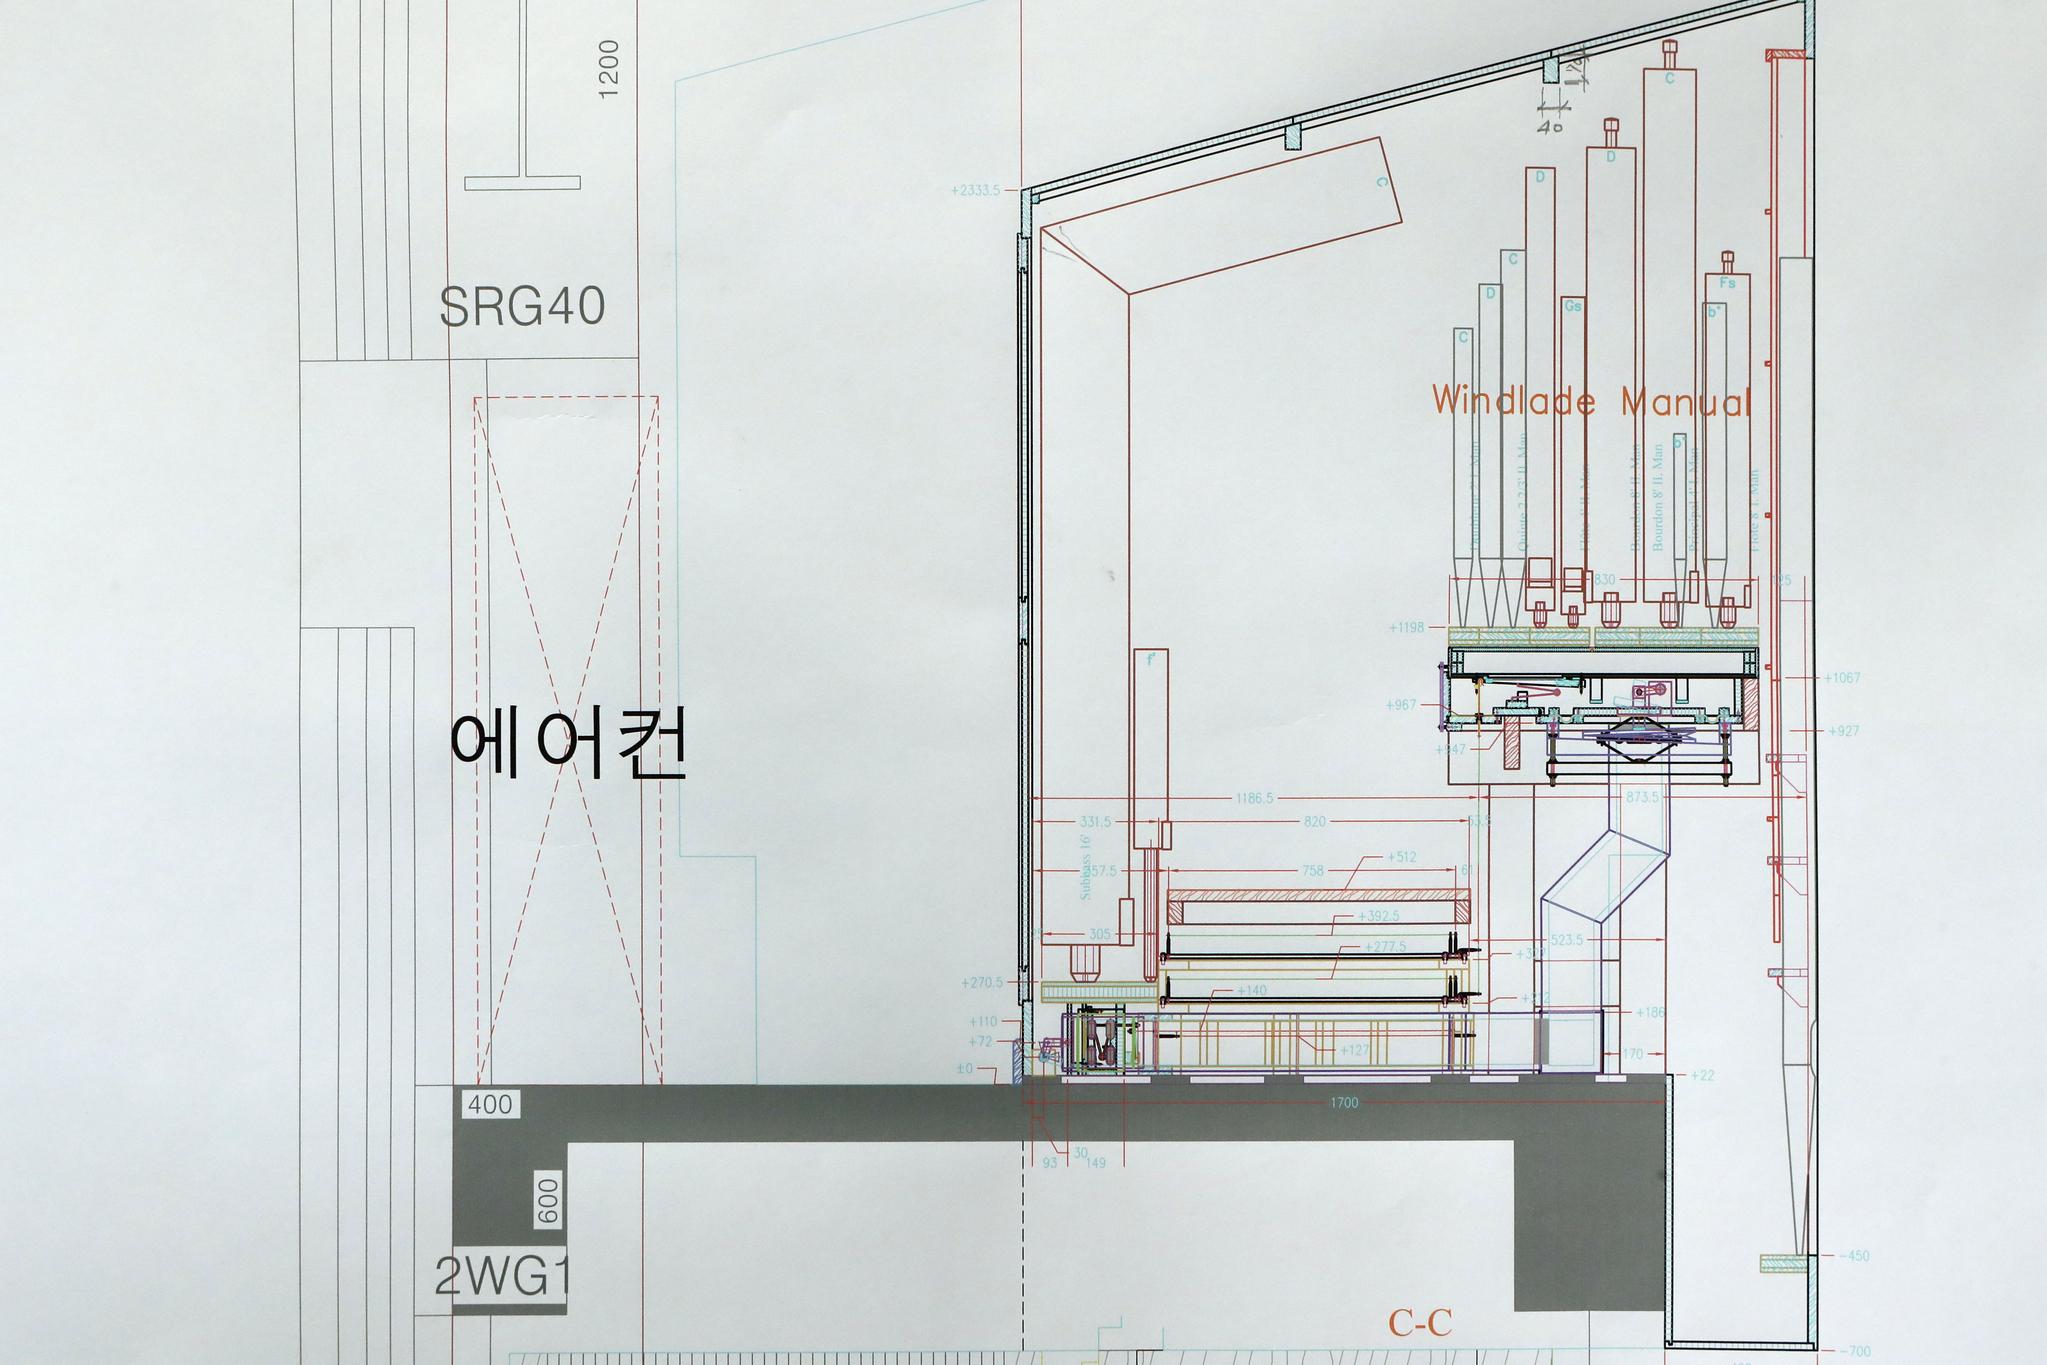 파이프오르간의 건축 설계도. 오르간은 만드는 일은 일의 규모와 성격상 '짓는다'고 표현할 수밖에 없다. 최정동 기자